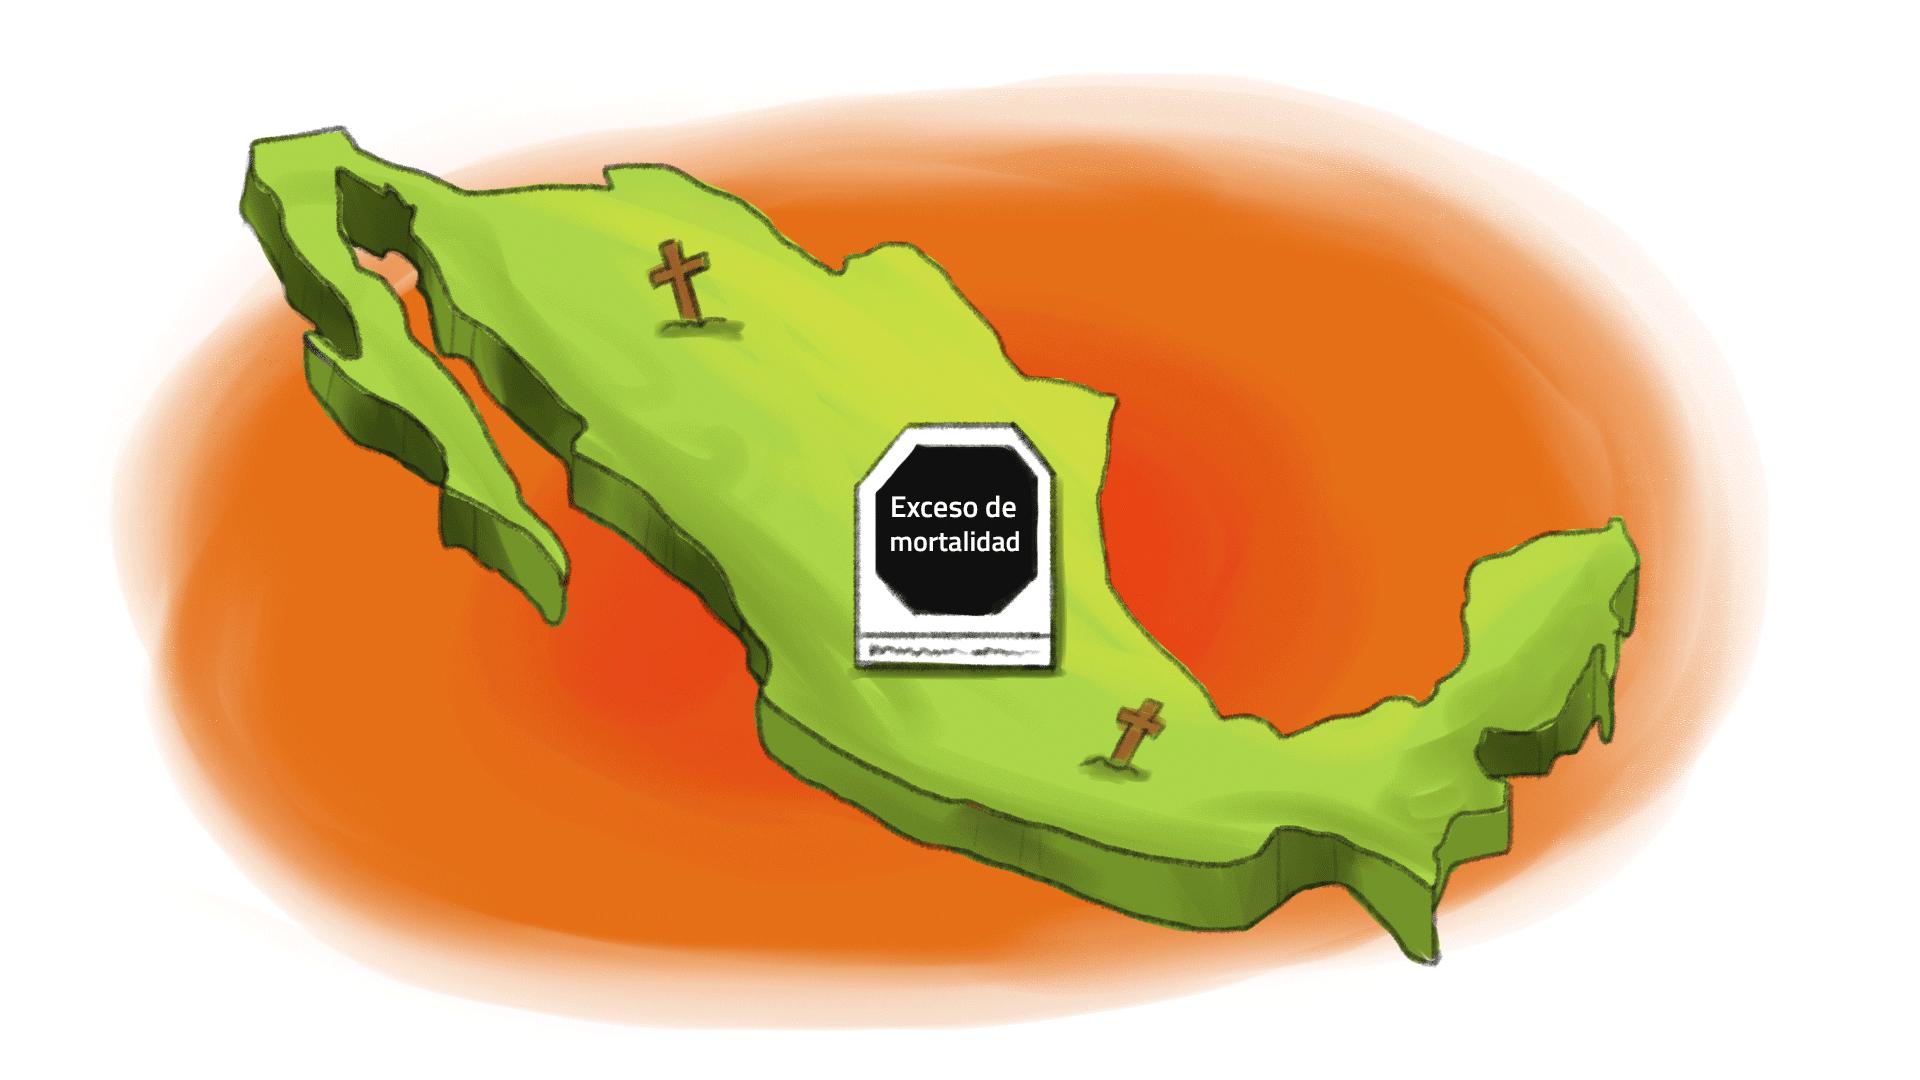 exceso de mortalidad en México